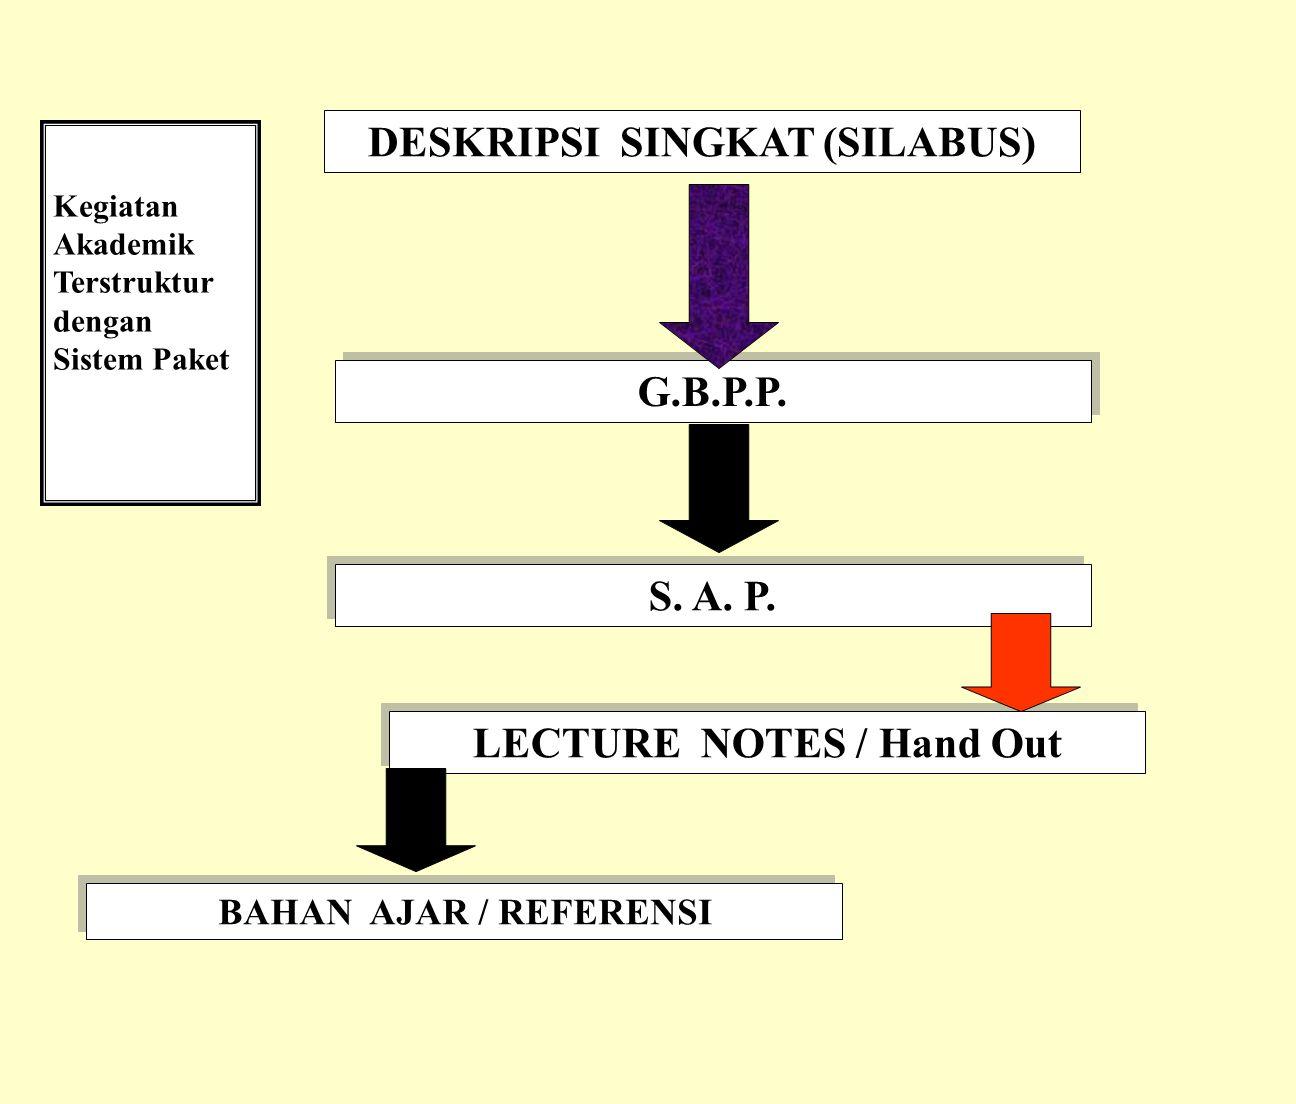 KONSTRUKSI KEGIATAN AKADEMIK TERSTRUKTUR SISTEM PAKET Langkah 1: Menentukan & Merumuskan TIU (Kompetensi umum yg akan dibelajarkan ) Langkah 2: Menent